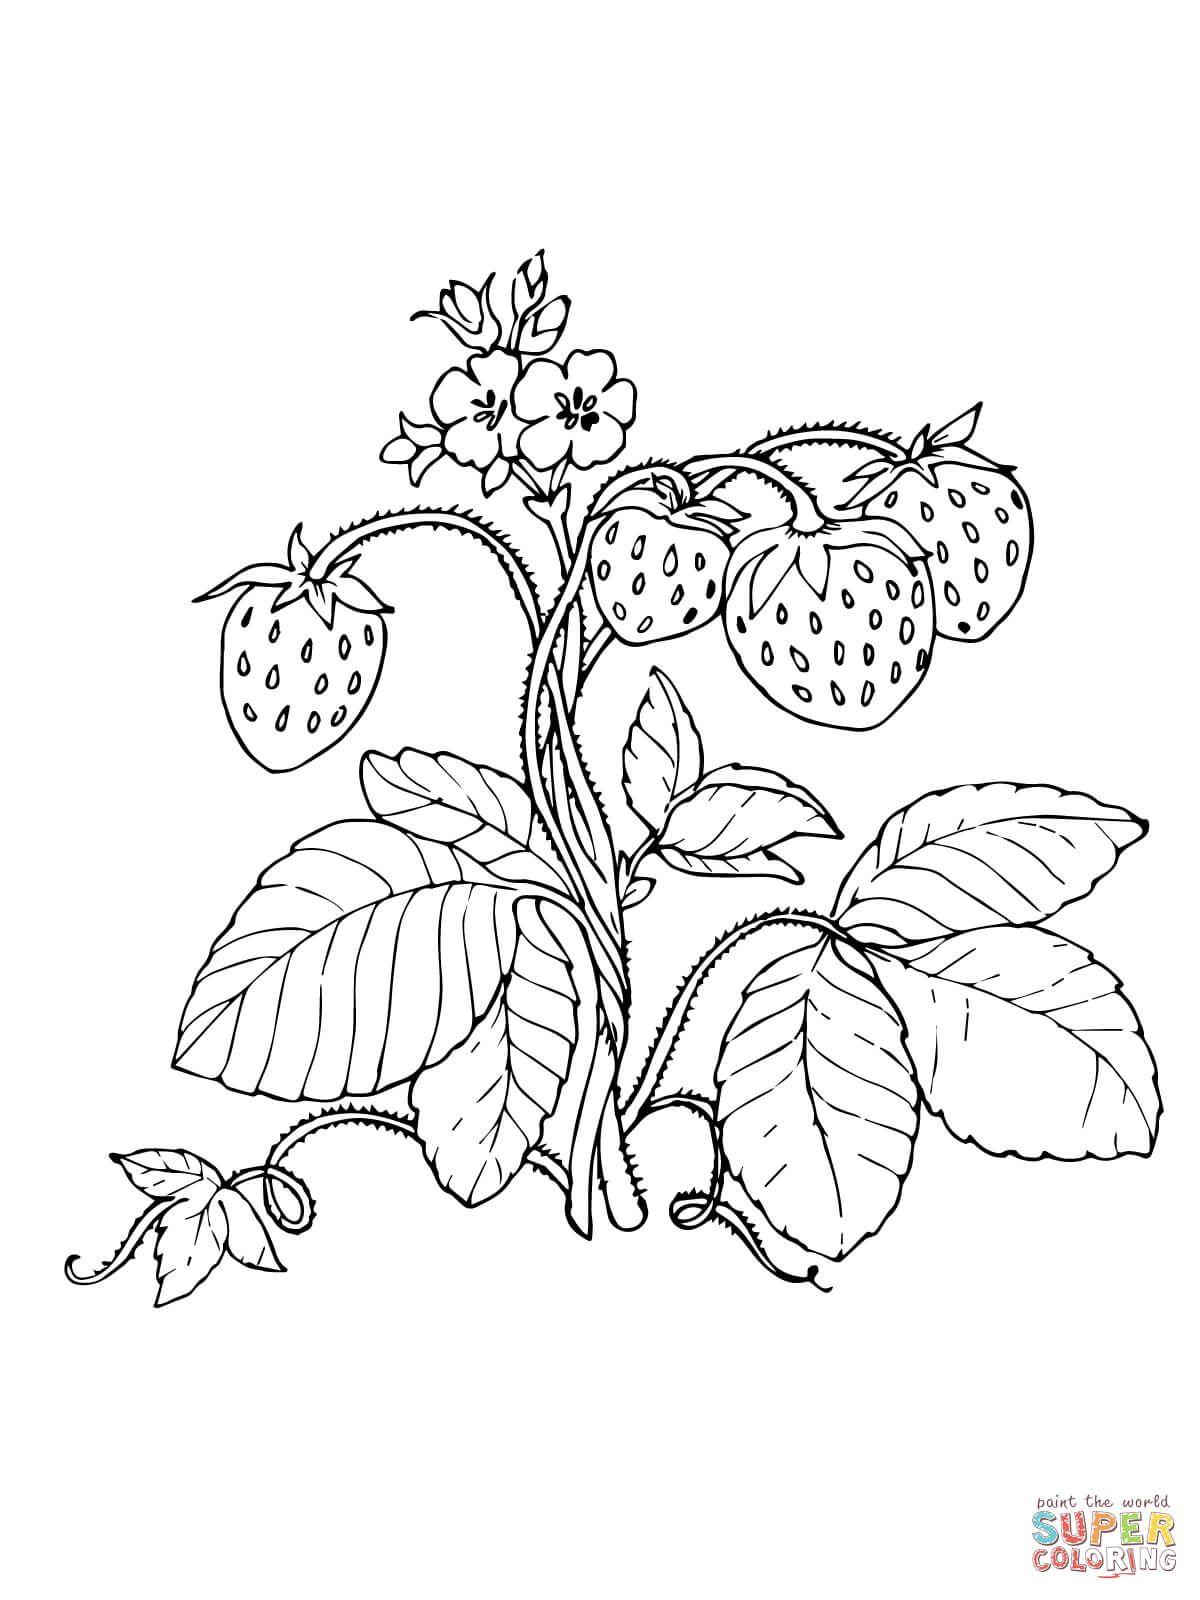 Bildergebnis für malvorlage erdbeere | Erdbeere | Pinterest ...